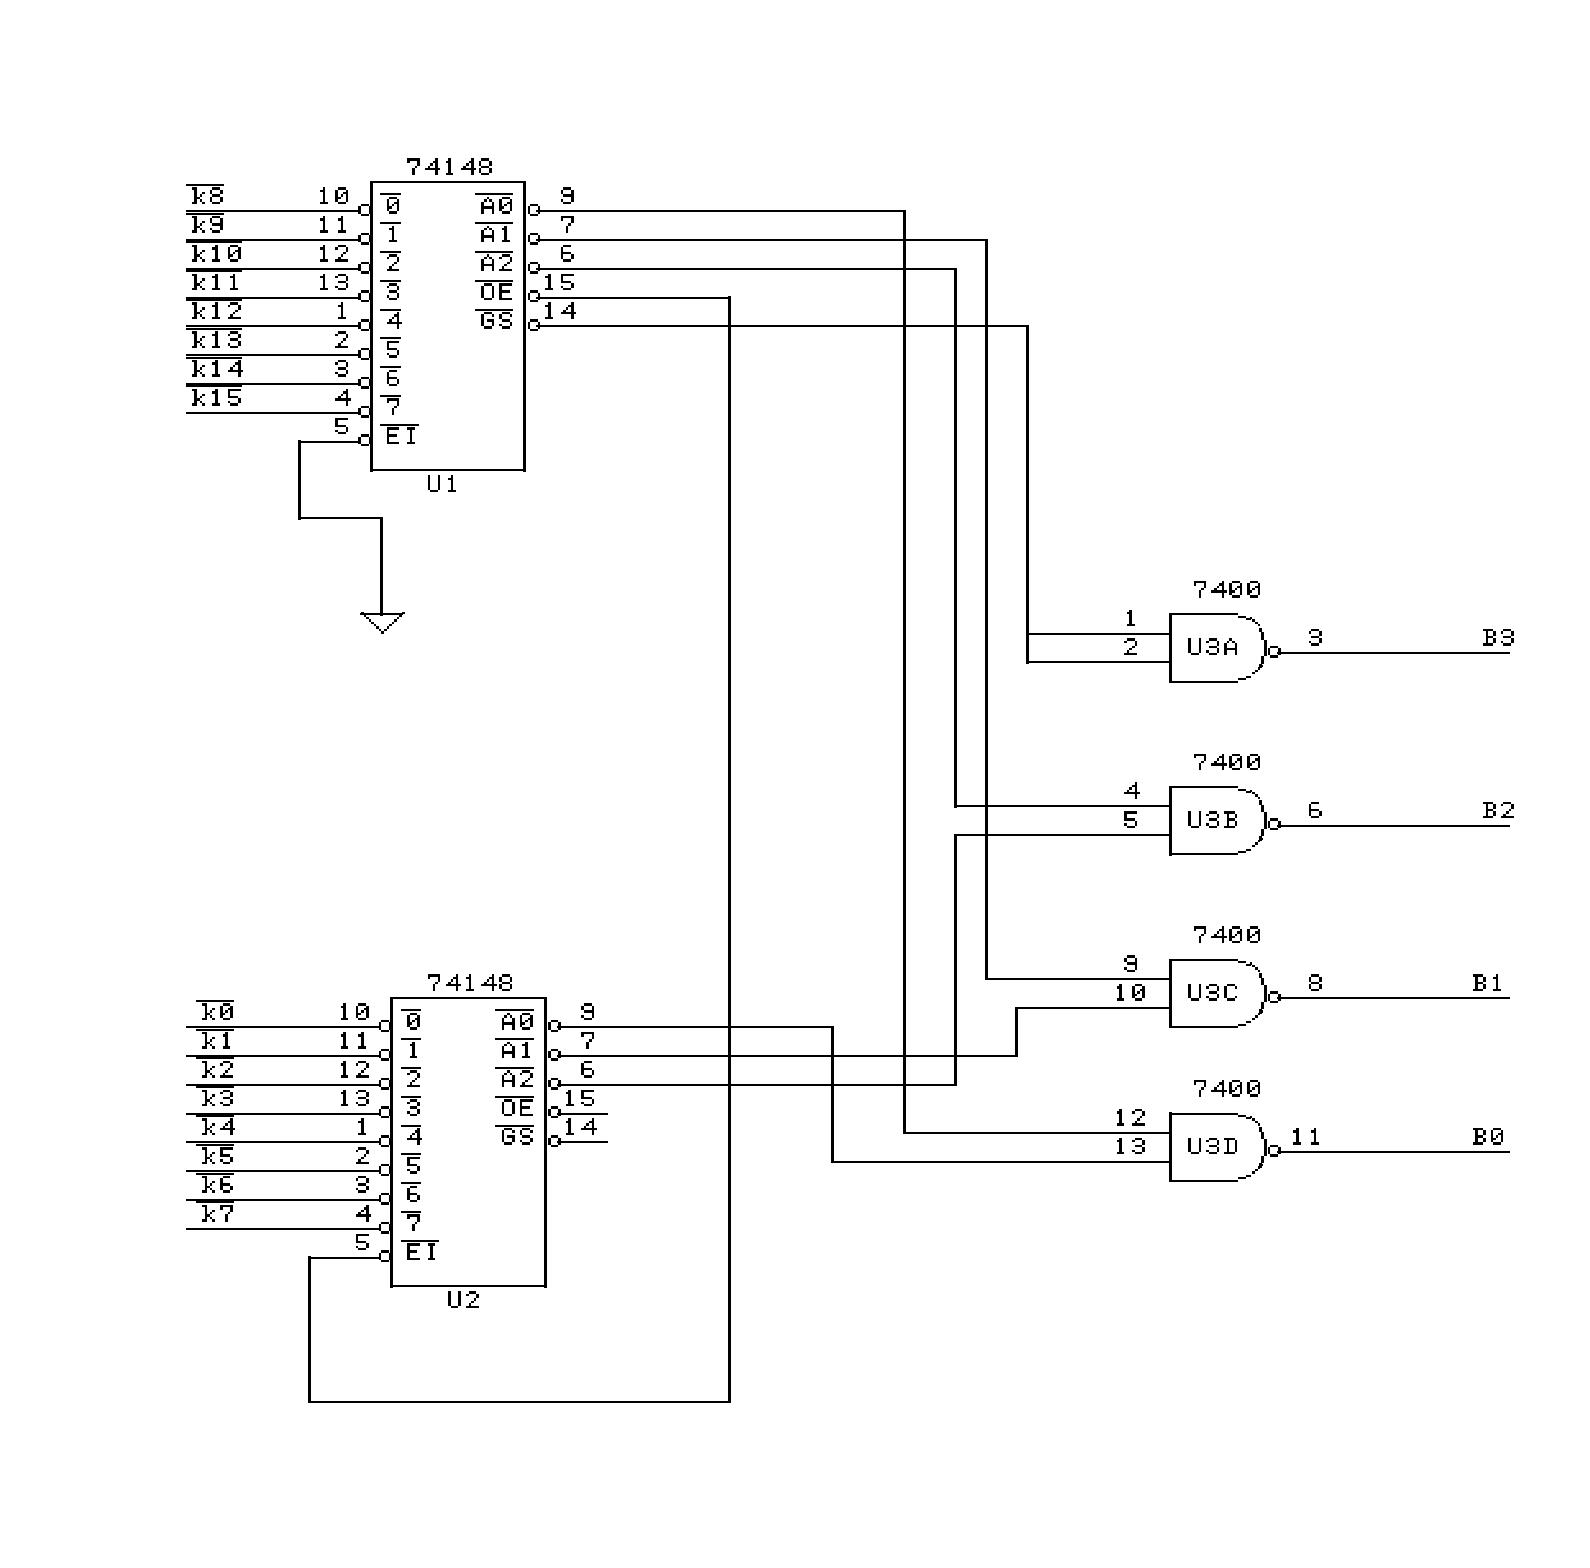 74ls148n - 8 To 3 Bit - Priority Encoder